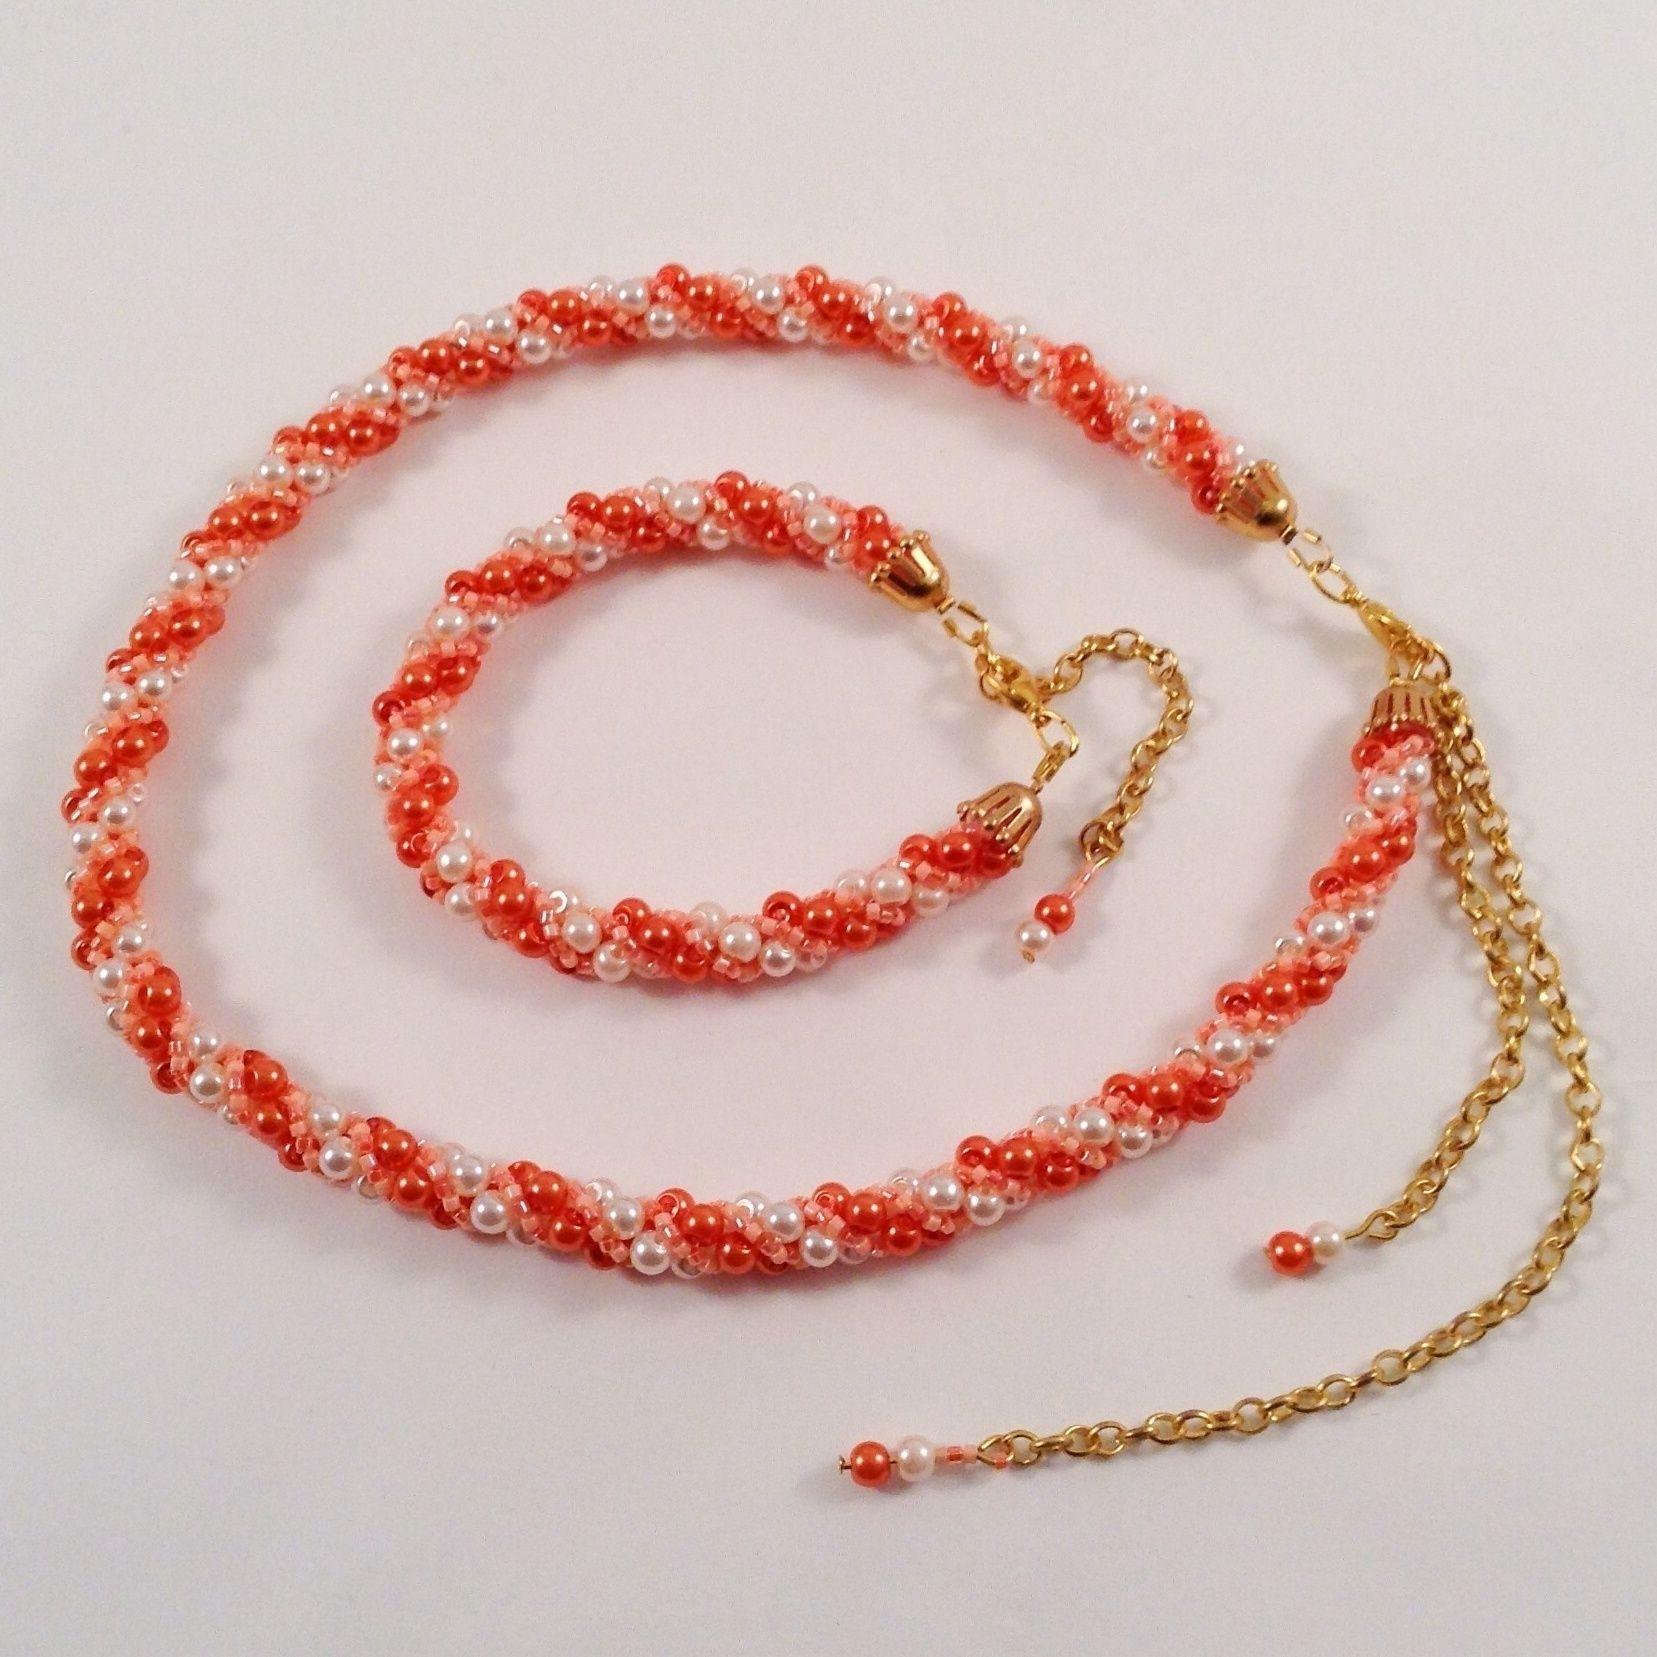 parure collier et bracelet orange adn en perles tiss es mod le unique fait main par jeswindra. Black Bedroom Furniture Sets. Home Design Ideas